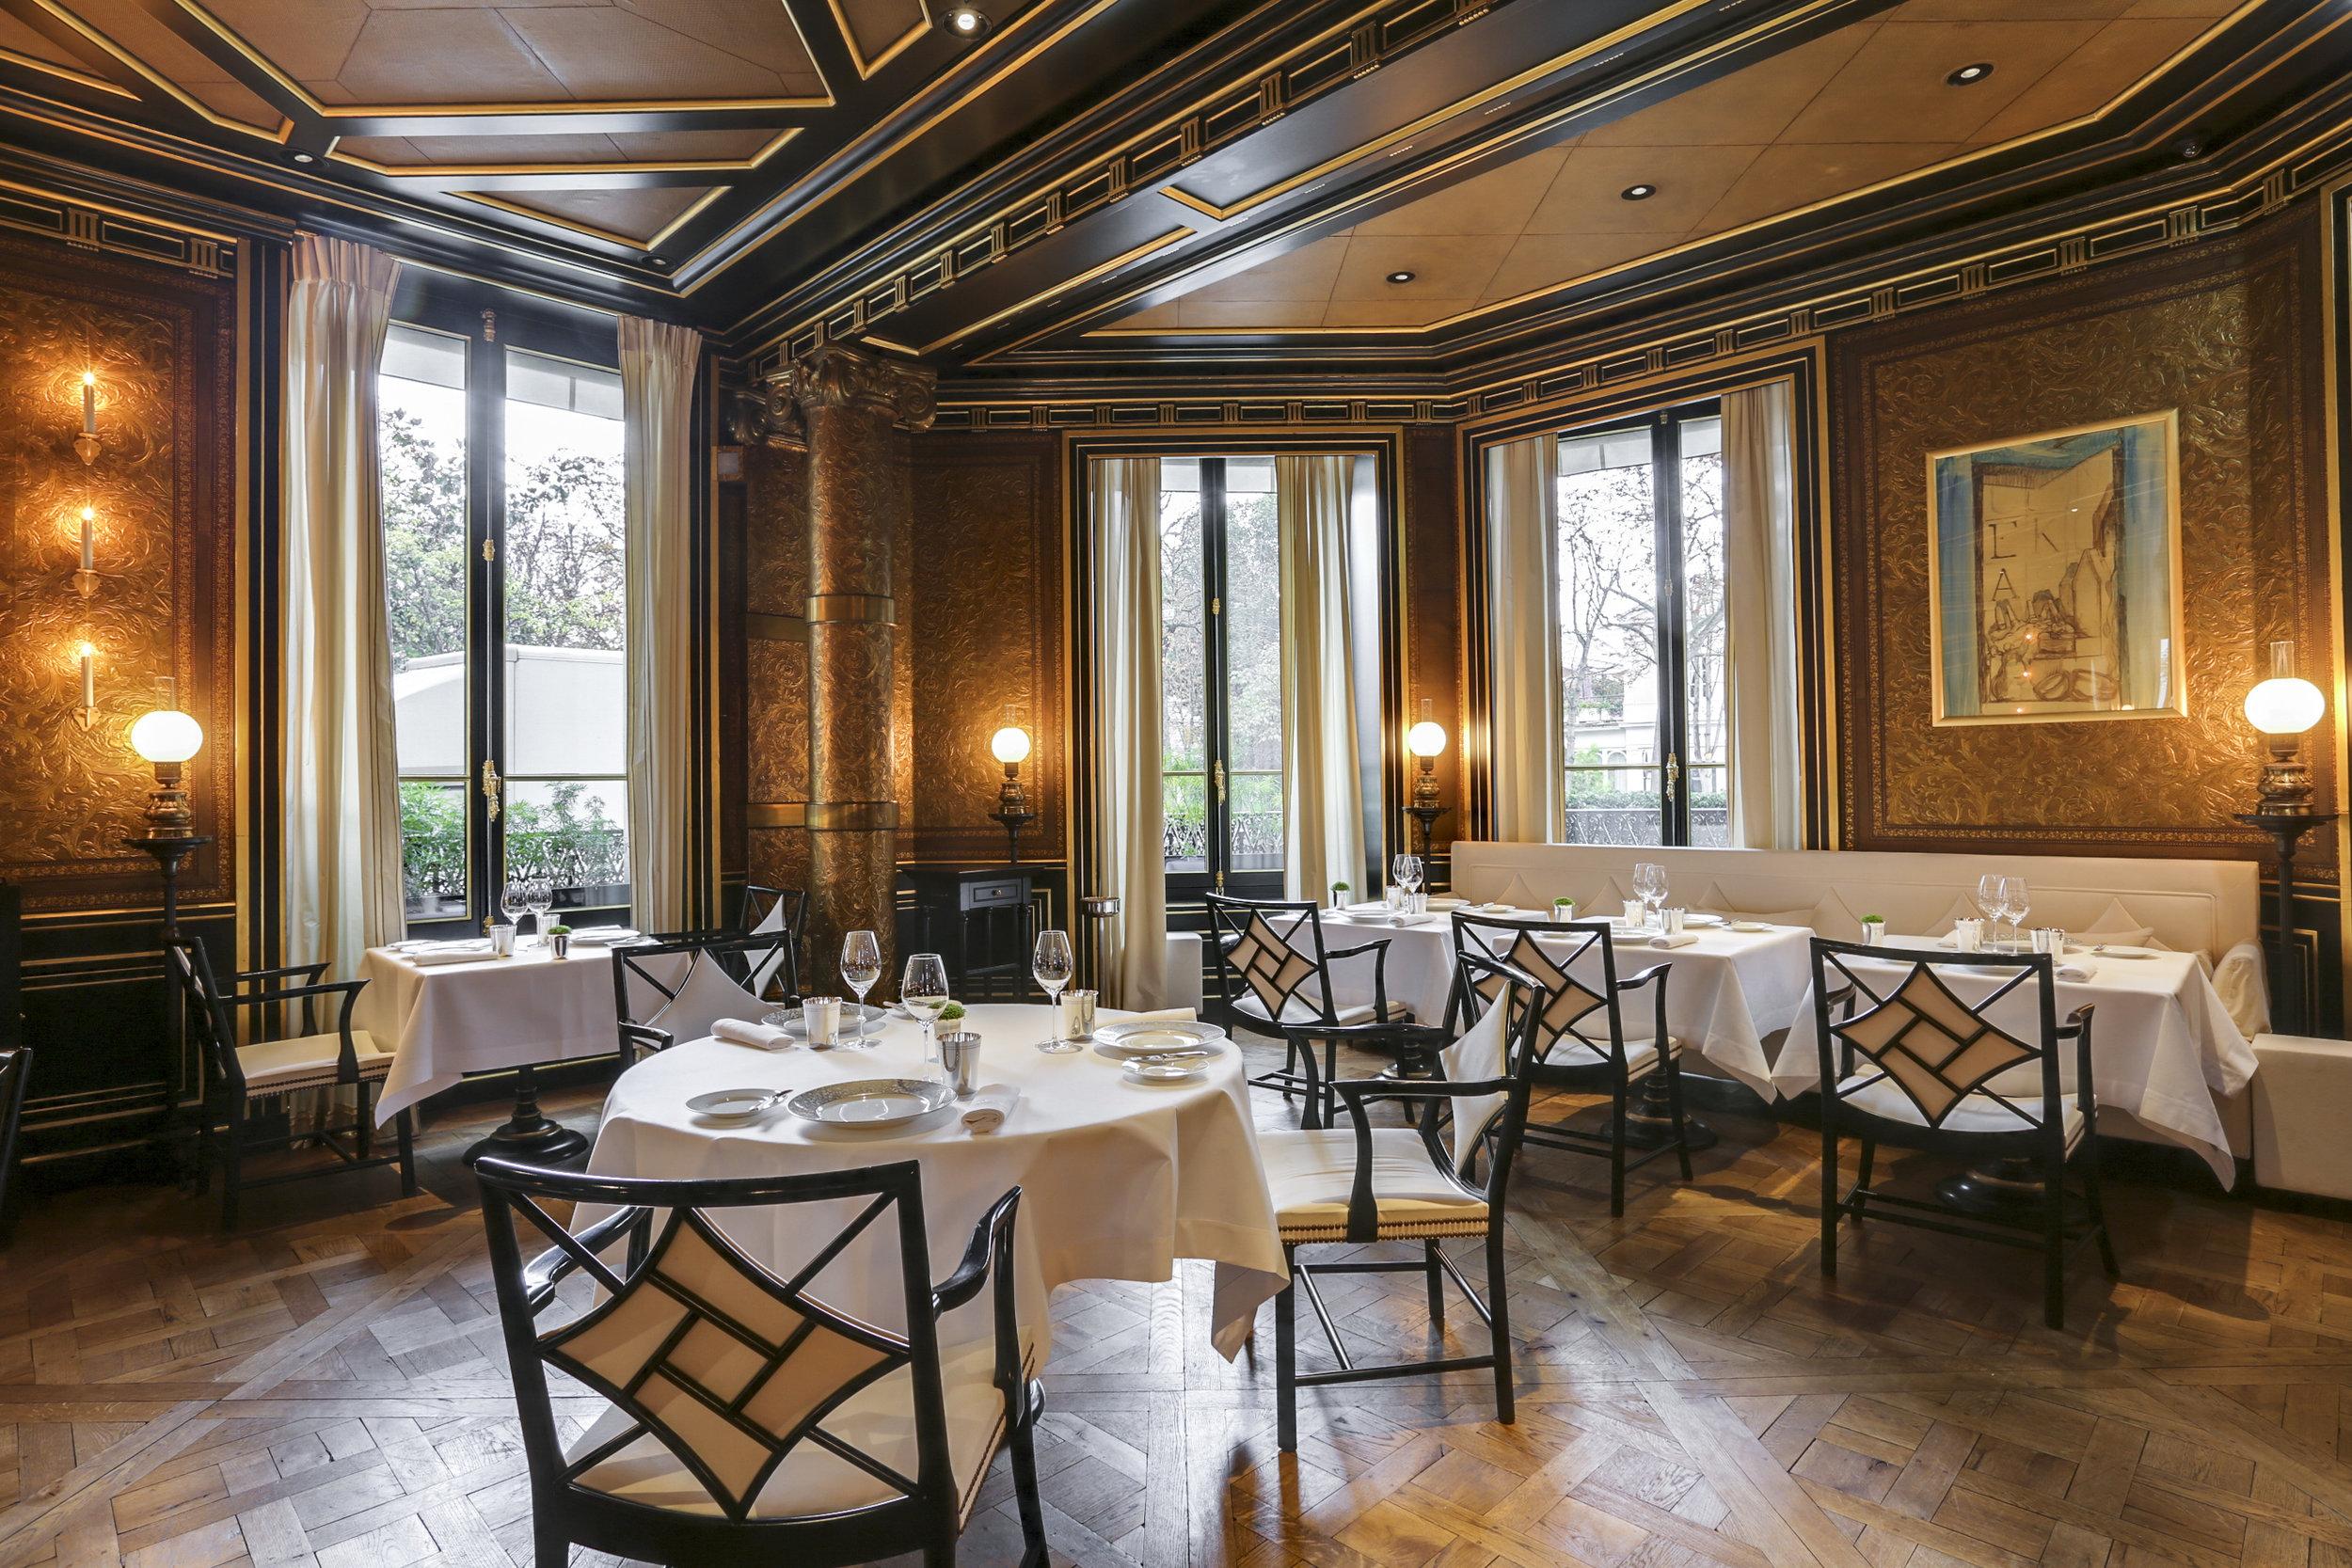 La Réserve Hotel & Spa - Le Gabriel - Crédits photo G. Gardette - La Réserve Paris.jpg